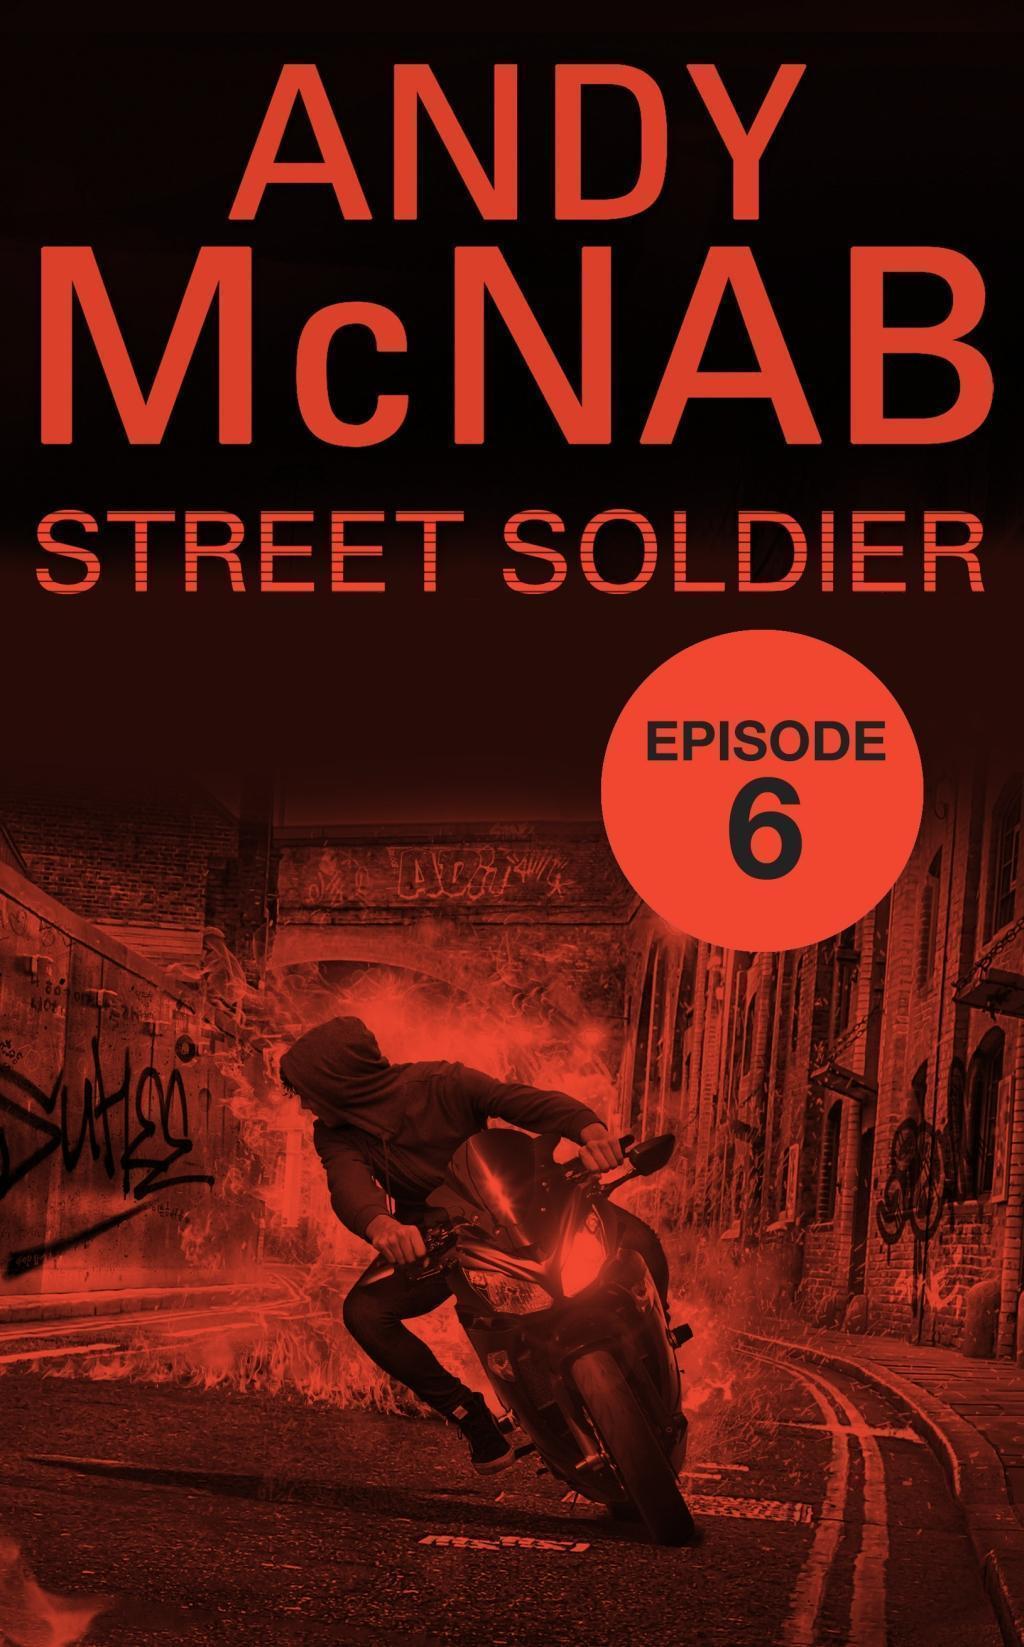 Street Soldier: Episode 6